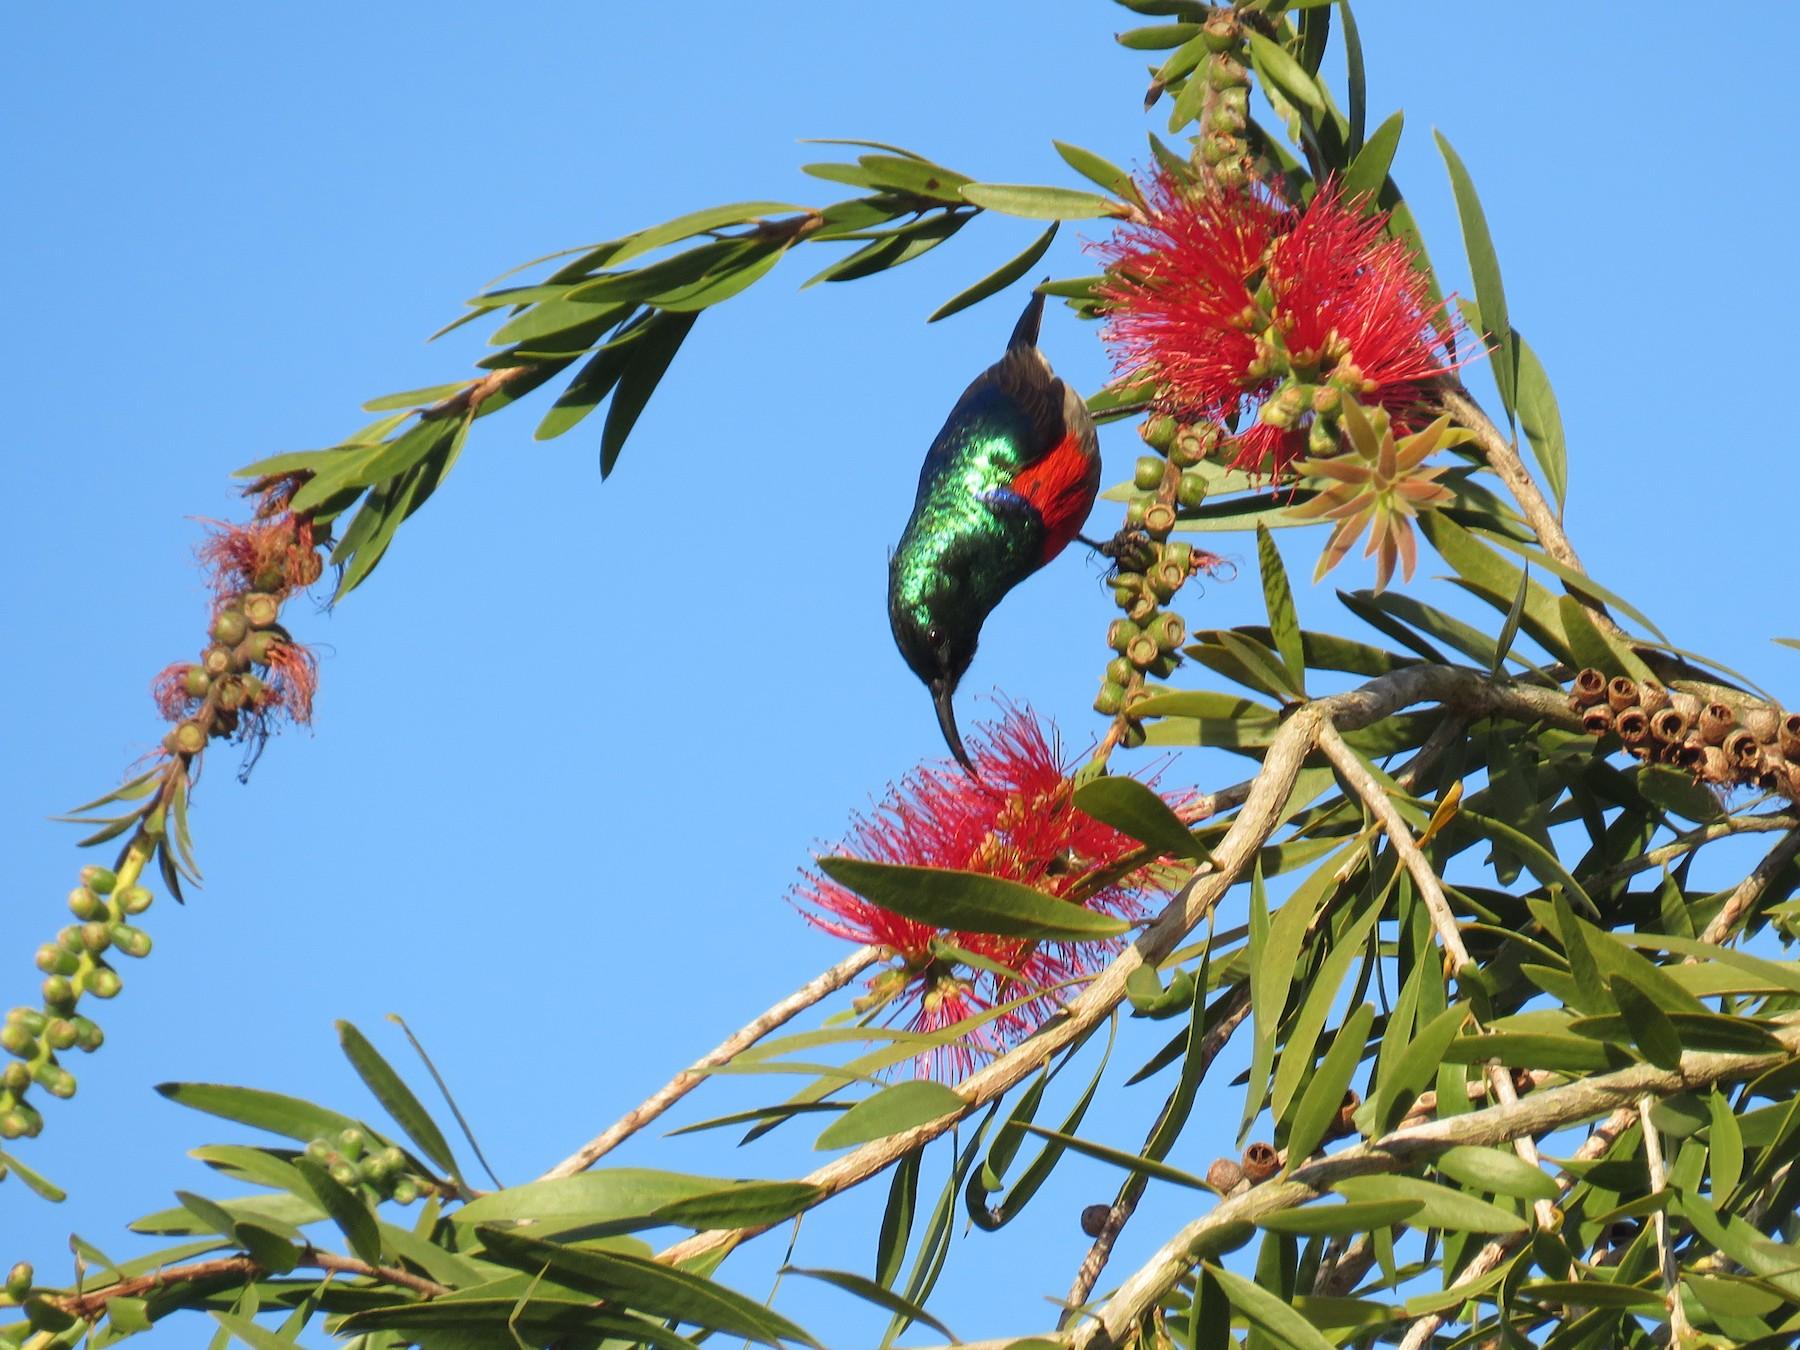 Greater Double-collared Sunbird - Vanessa Lugin